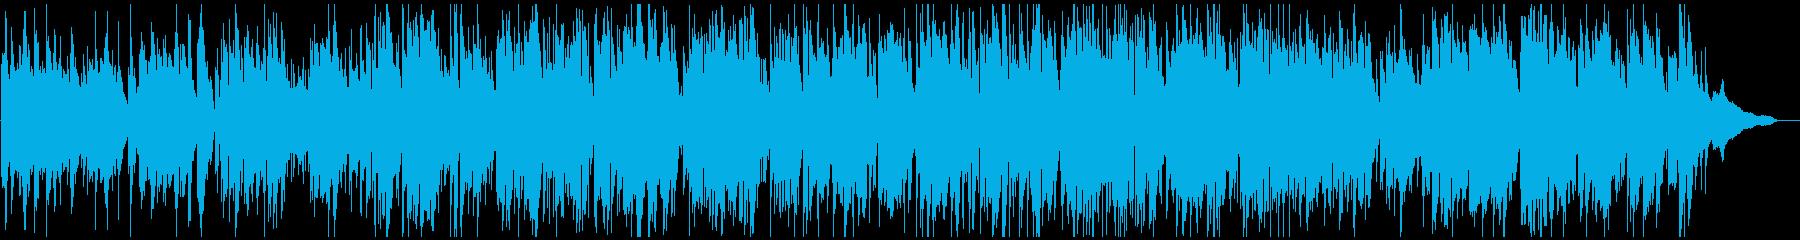 バリトンサックス生演奏のゴキゲンなジャズの再生済みの波形